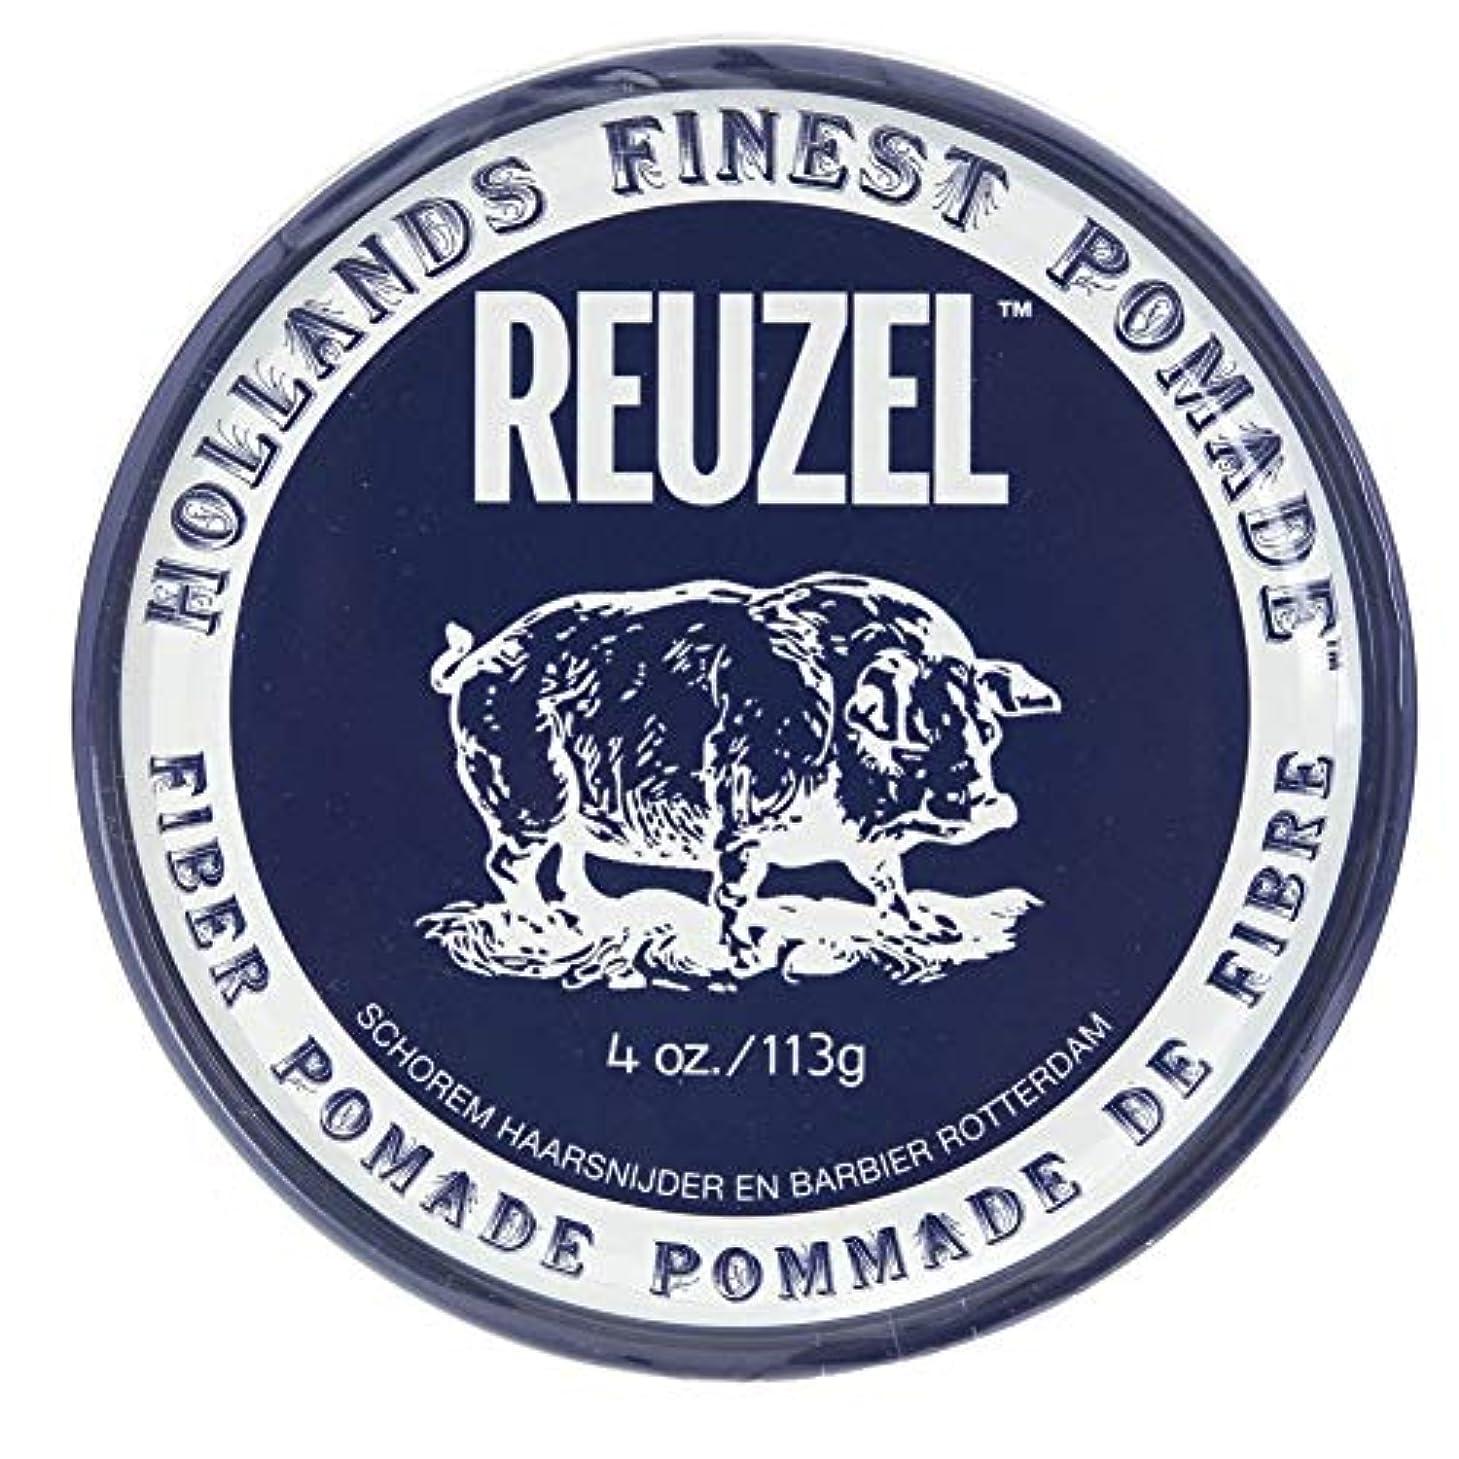 暴力用心する分類するルーゾー ネイビー ファイバー ポマード Reuzel Navy Fiber Pomade 113 g [並行輸入品]